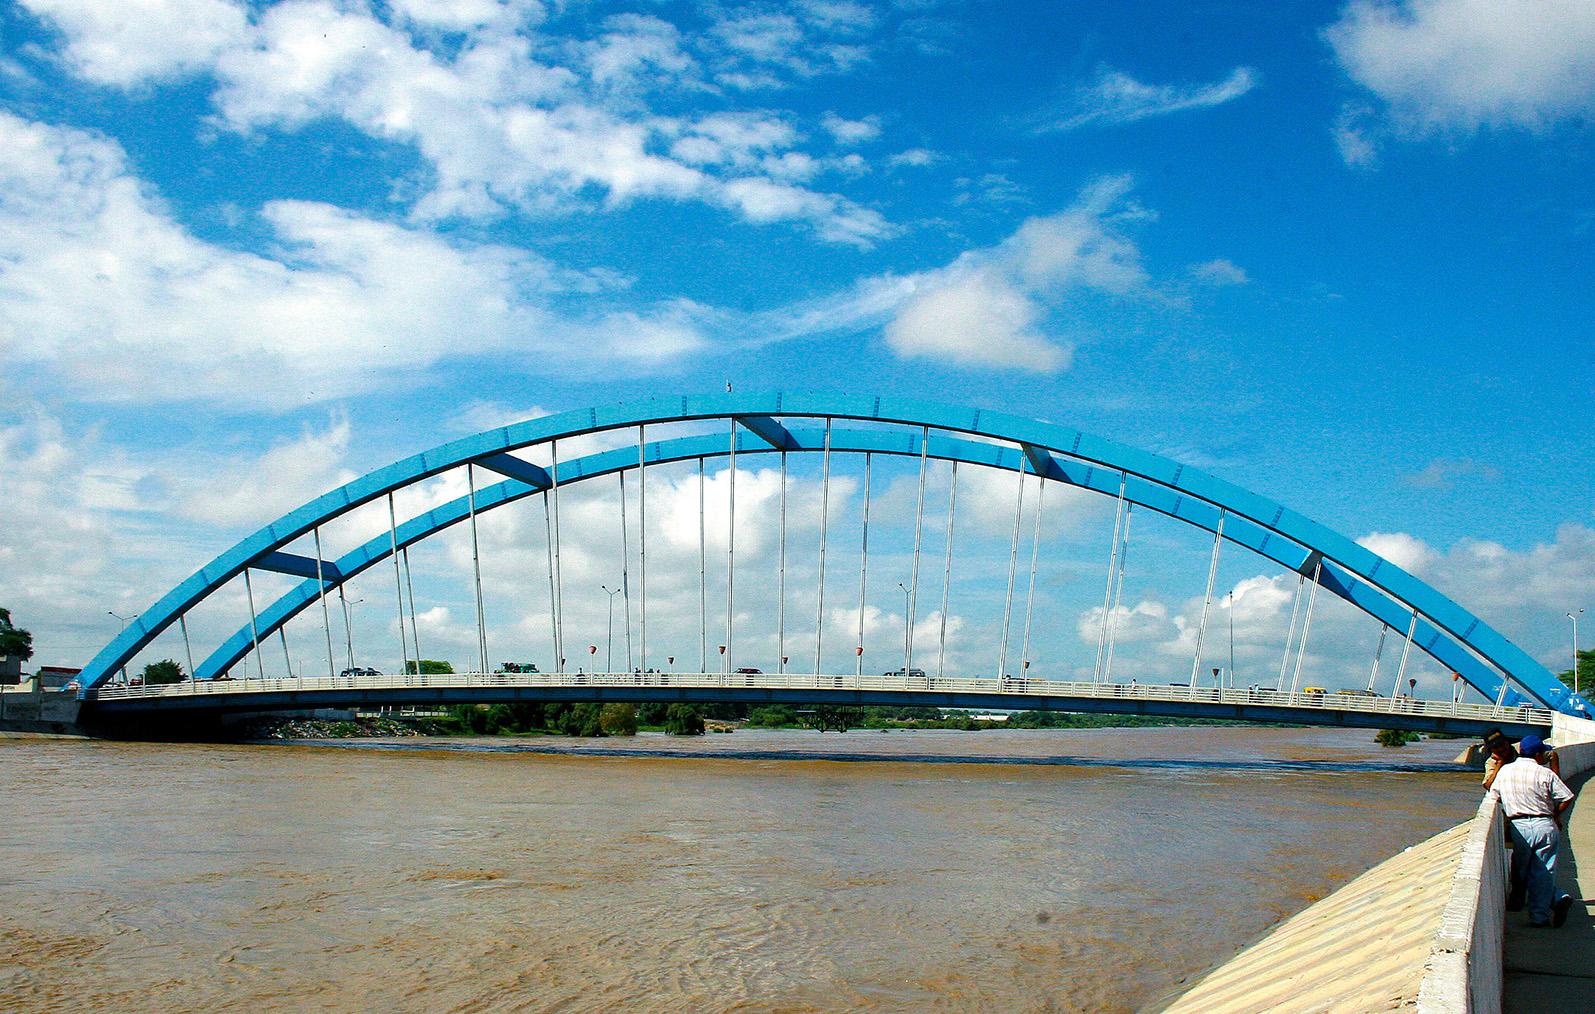 Transfieren puente Bolognesi a favor de la Municipalidad de Piura